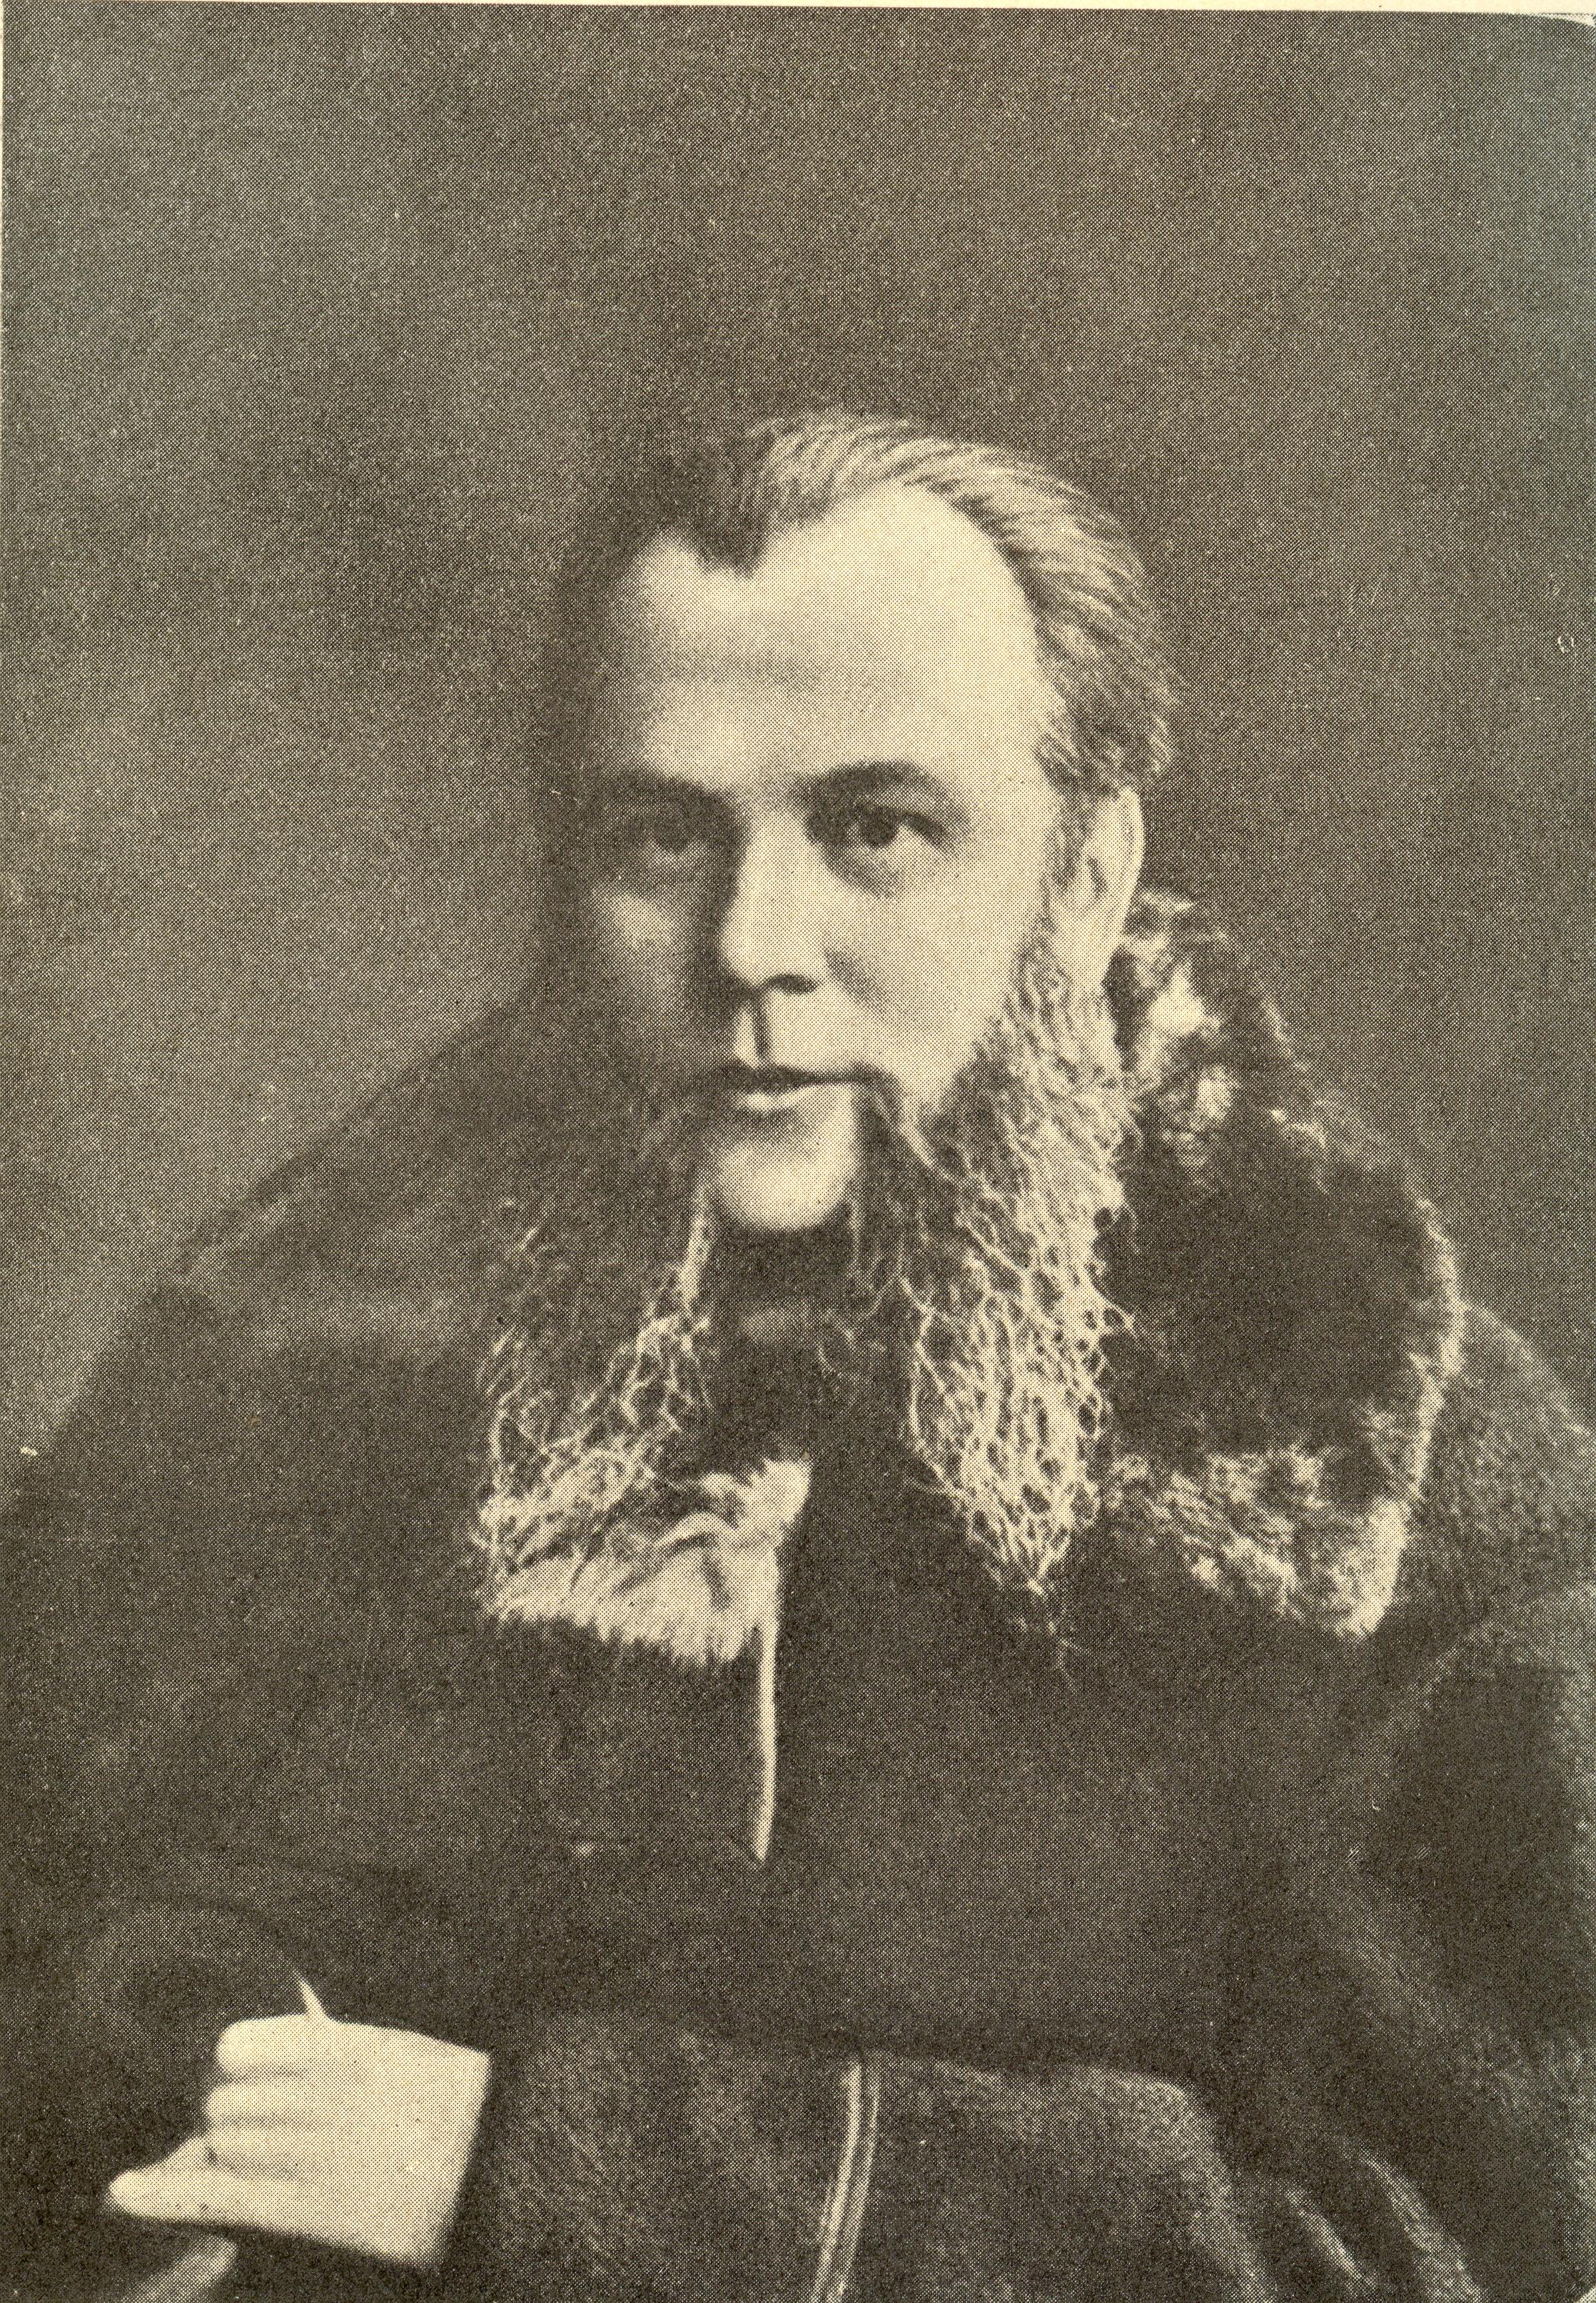 Александр Дмитриевич Свербеев (25 марта 1835, Москва — 9 мая 1917) — действительный тайный советник (01.01.1905), самарский губернатор в 1878—1891 гг. Брат курляндского губернатора Д. Д. Свербеева.